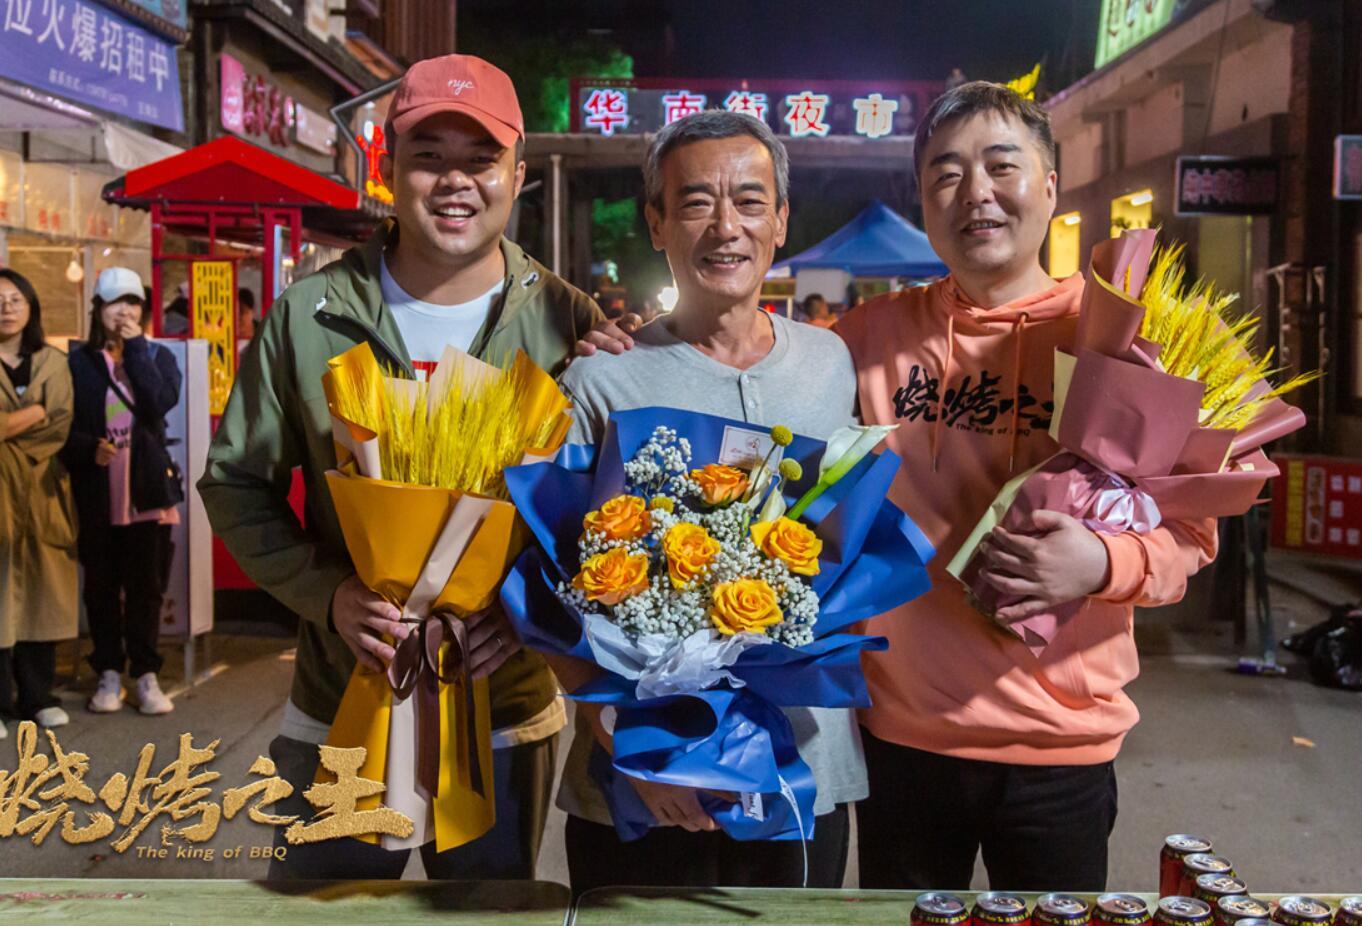 《烧烤之王》圆满杀青,崔志佳自导自演用幽默传承饮食文化